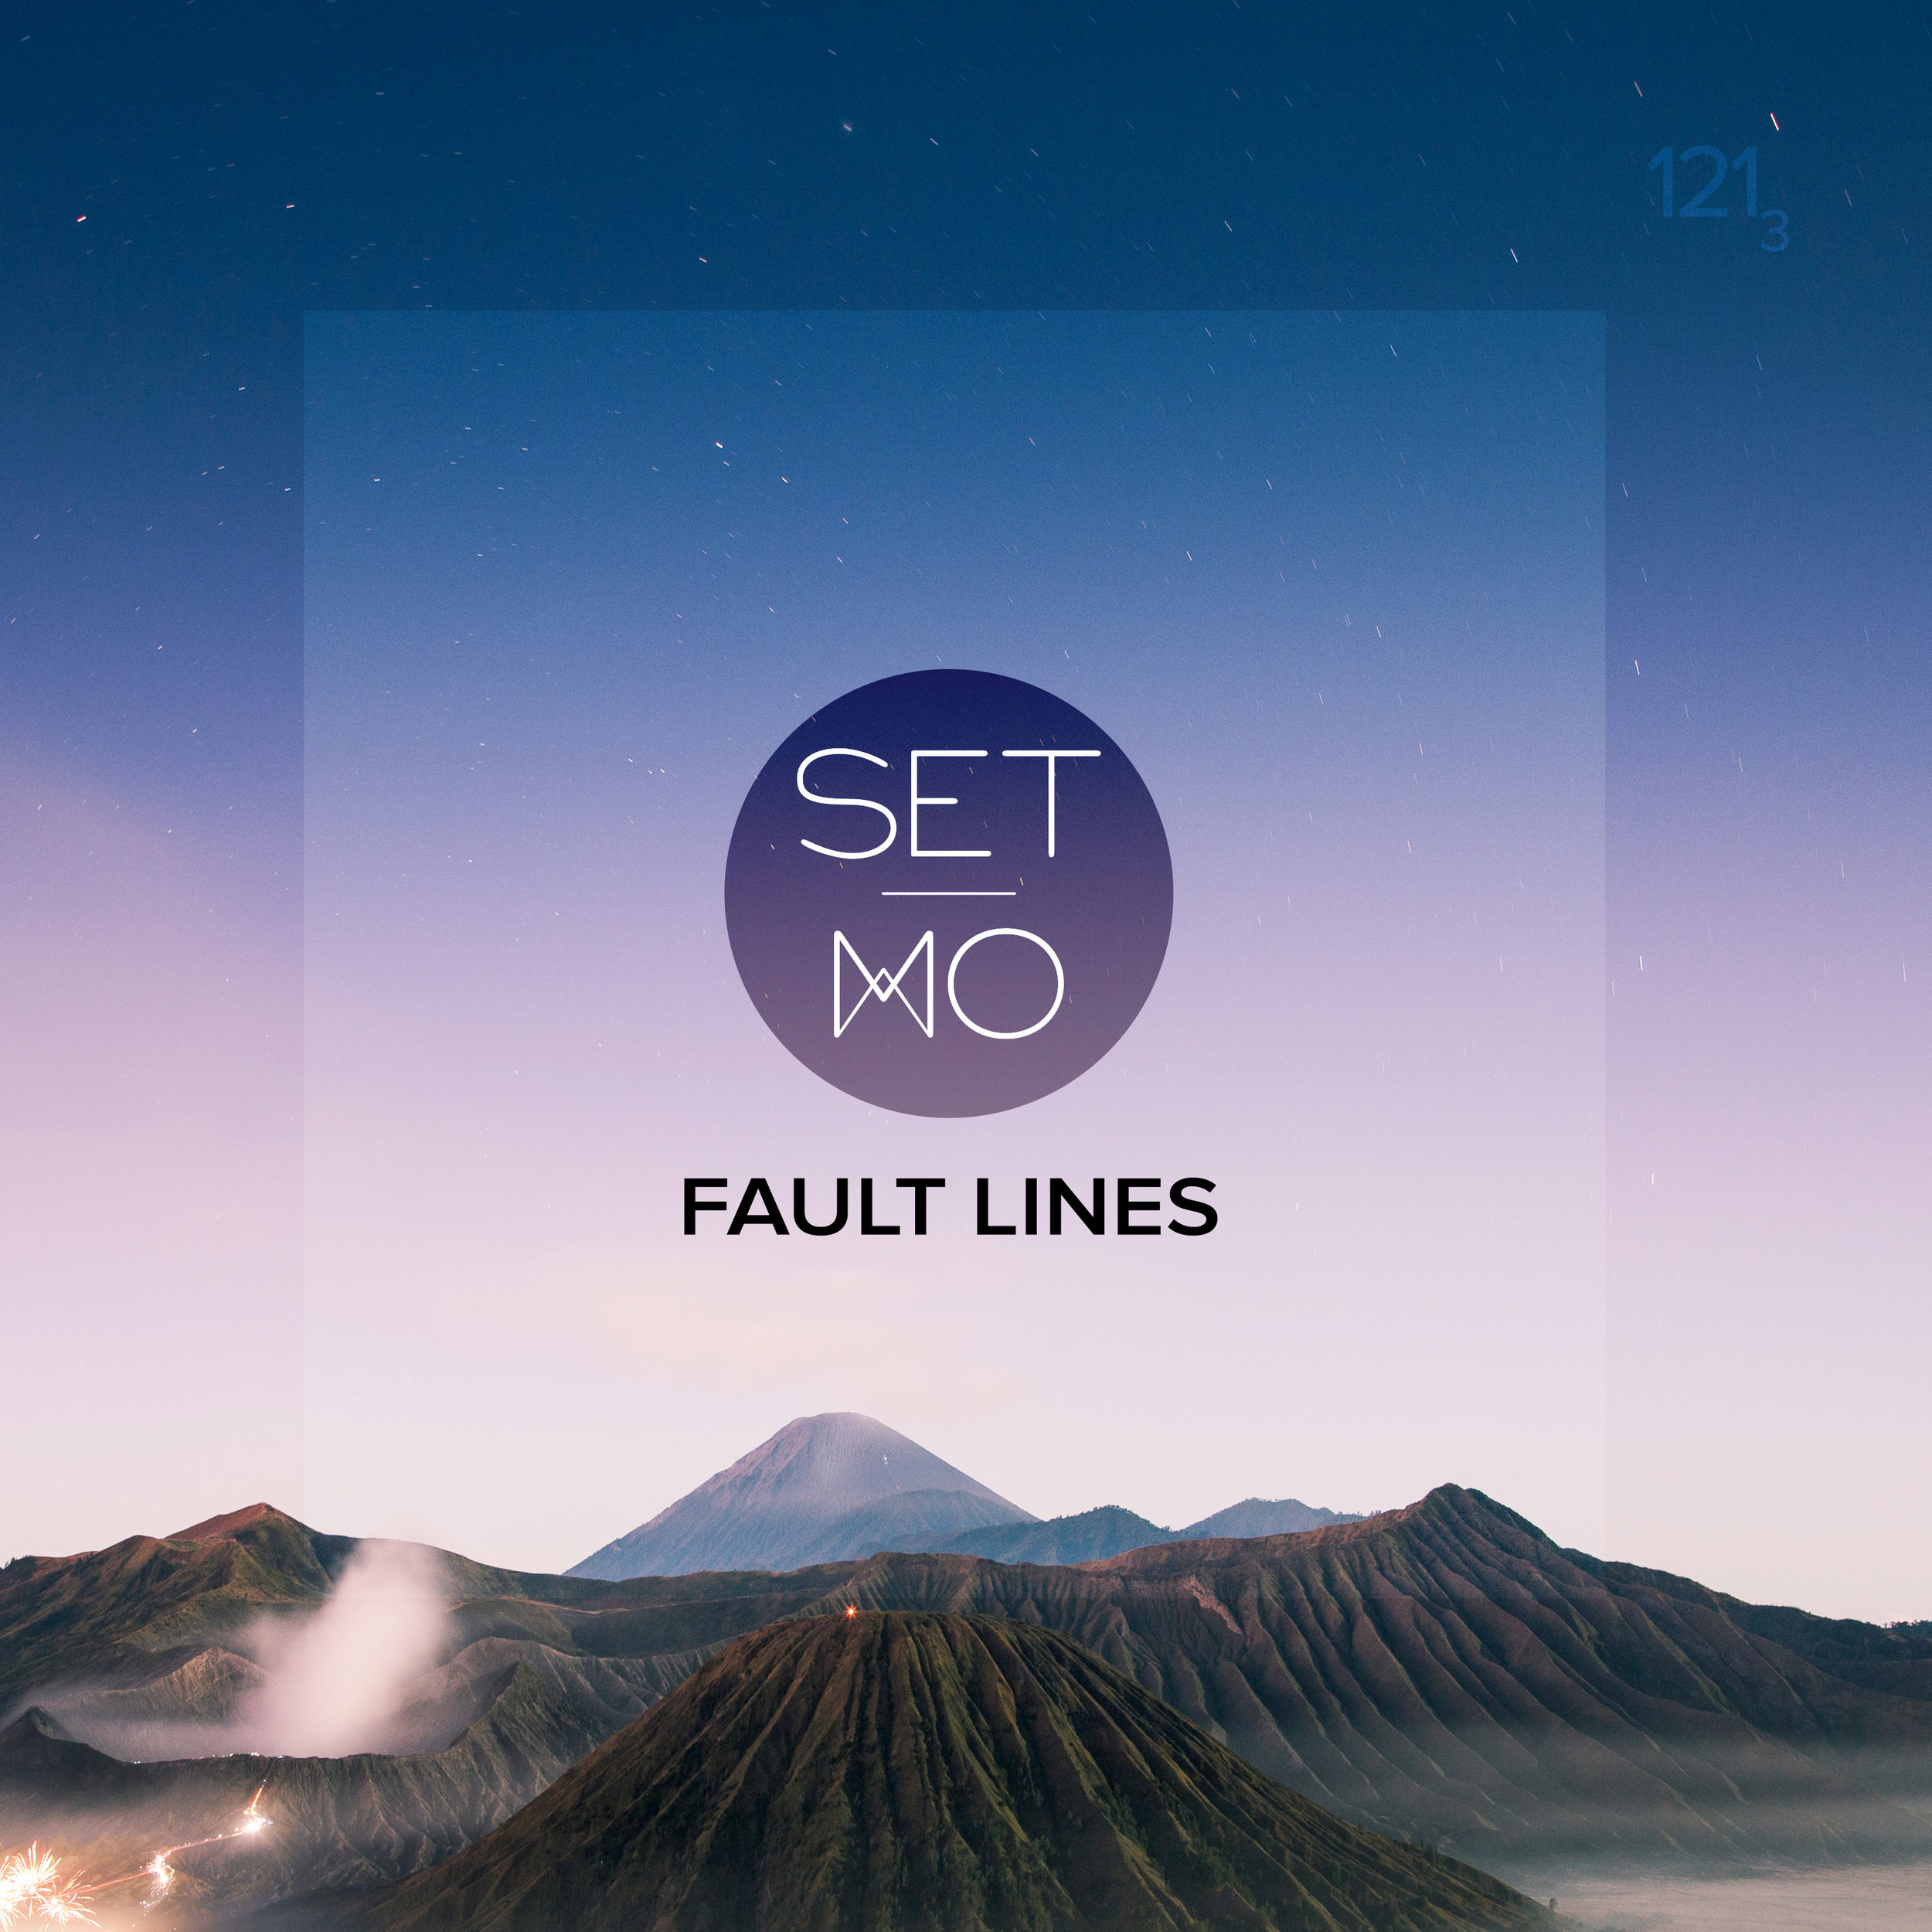 SetMo_Faultlines_001.jpg